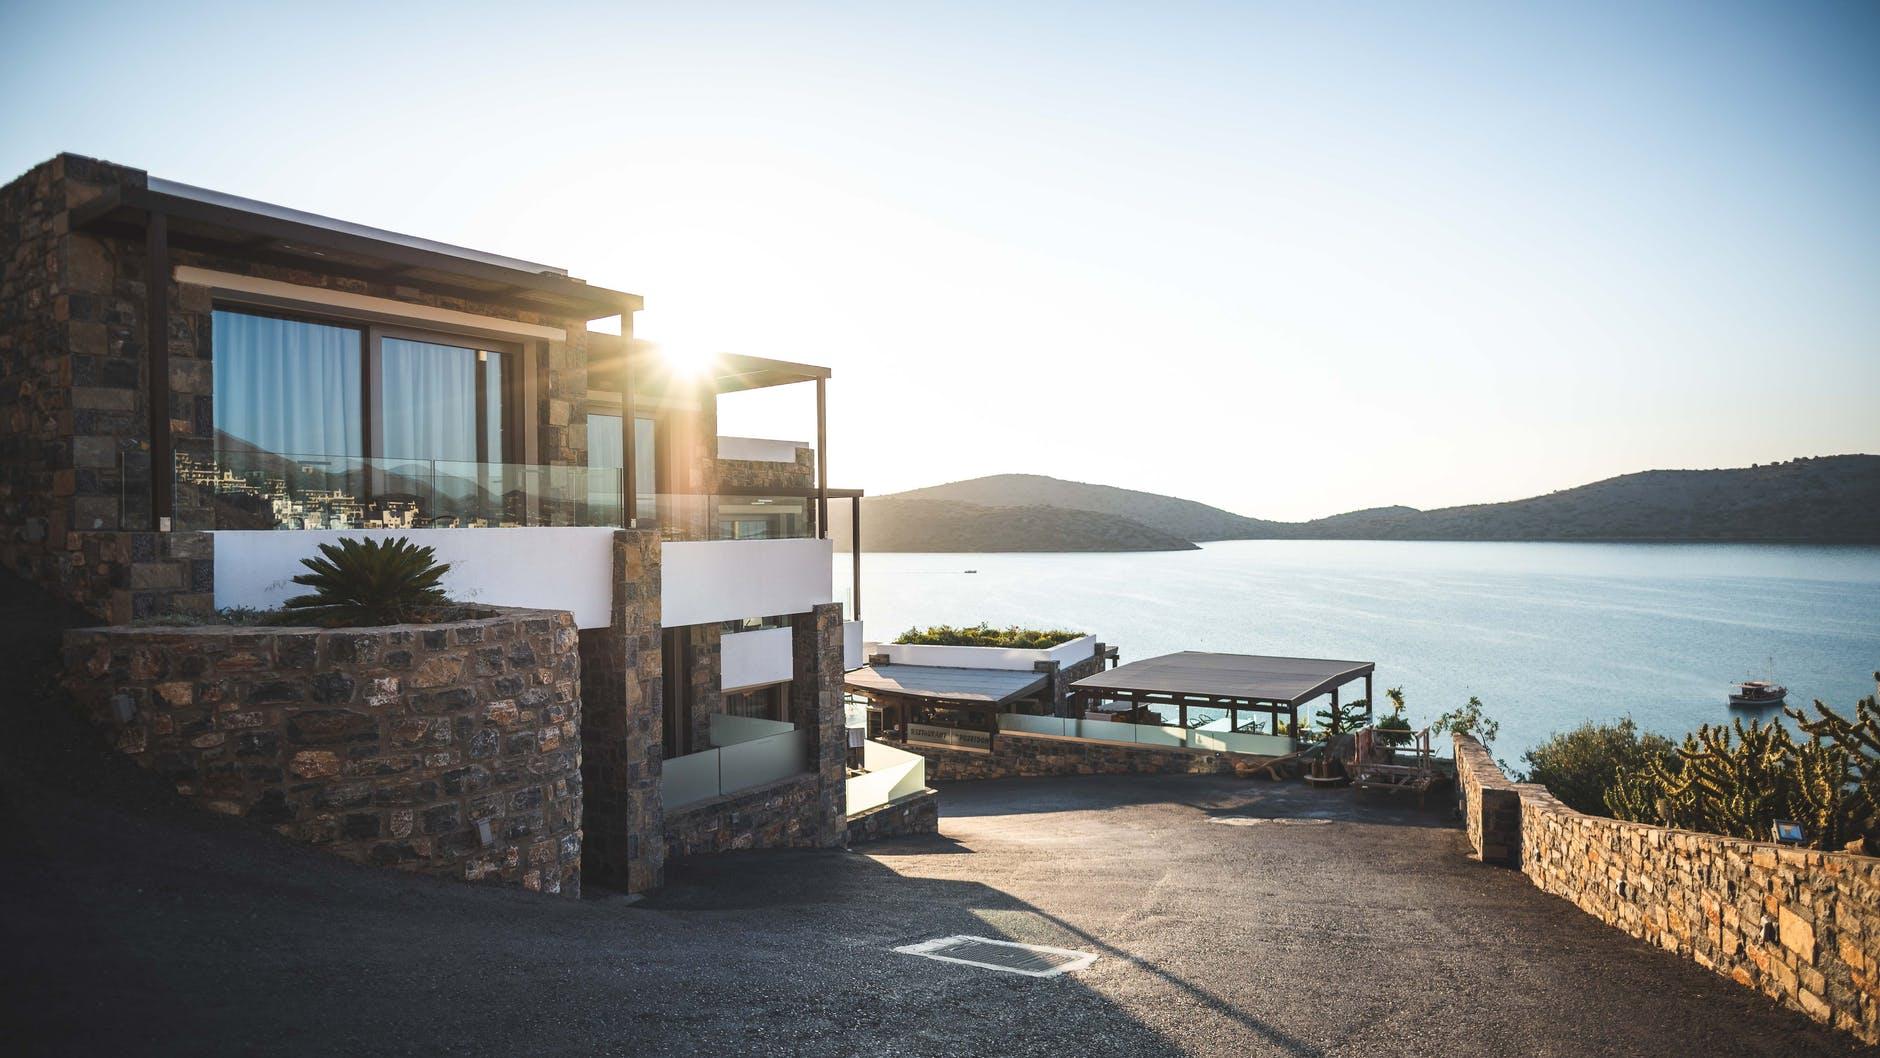 Недвижимость в испании коста дель соль купить дешевые квартиры за границей